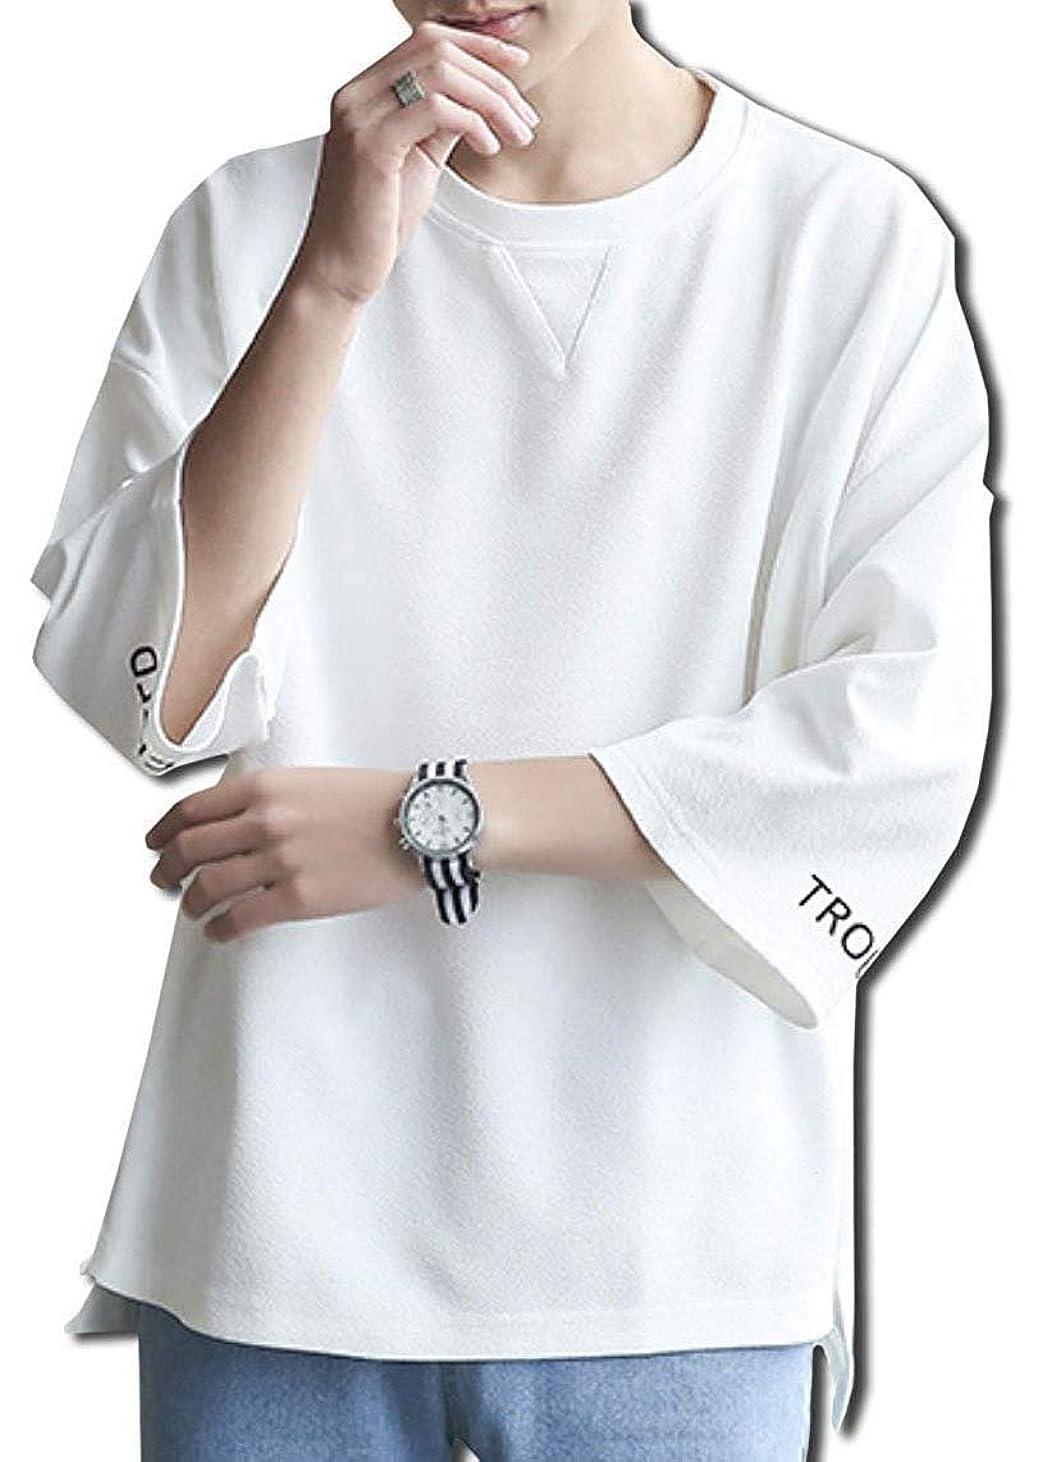 中央値失礼なヒューマニスティック[ボルソ] 7分袖 ゆったり ビッグ シルエット Tシャツ メンズ (ブラック、ホワイト) M ~ XXL